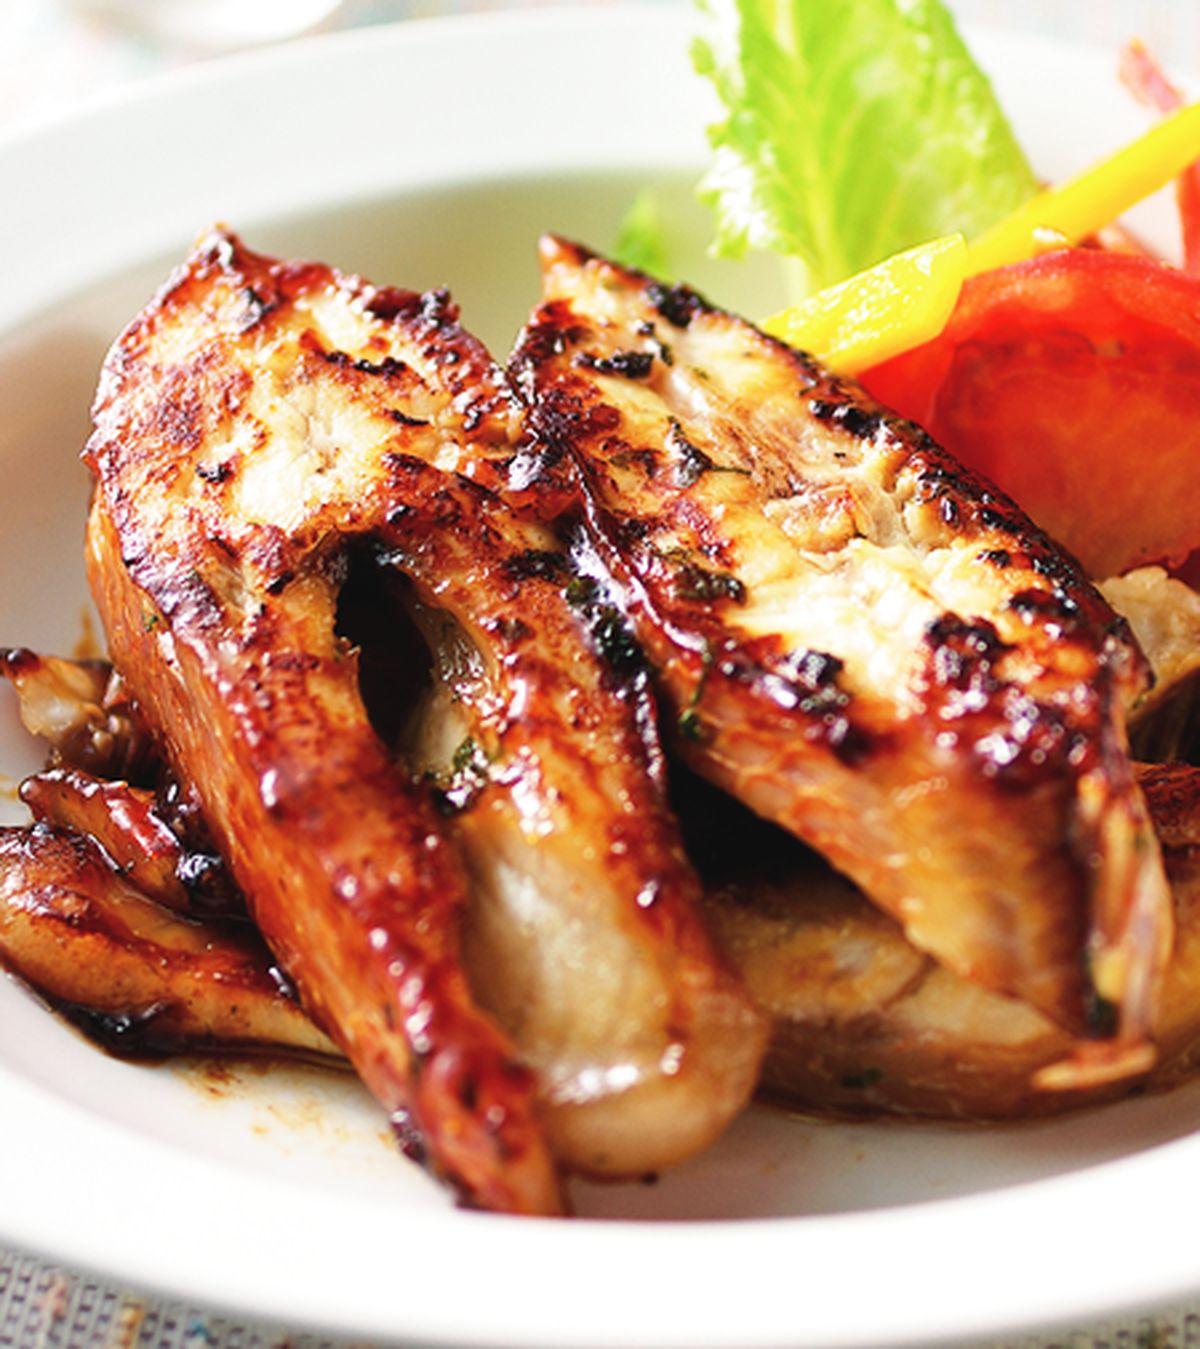 食譜:薄荷味噌燒烤紅尼羅魚